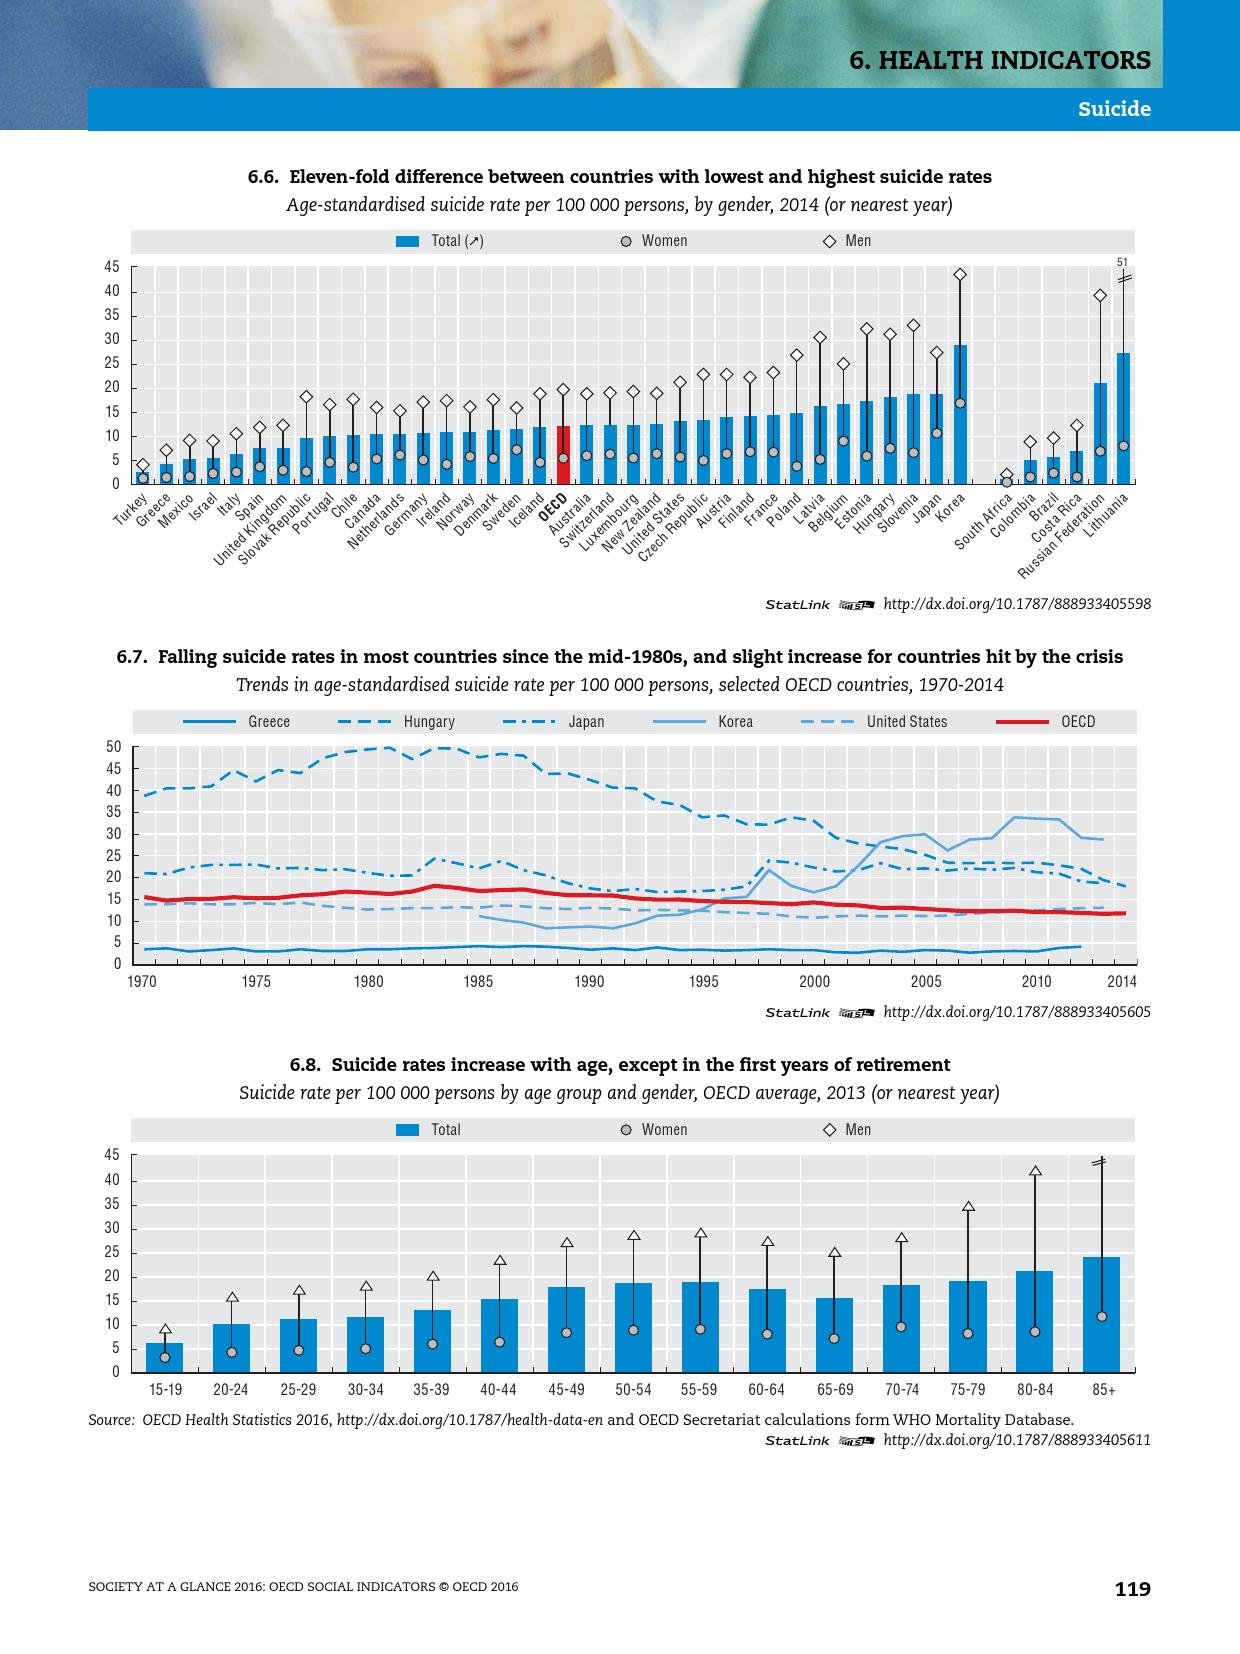 2016年OECD国家社会概览报告_000121